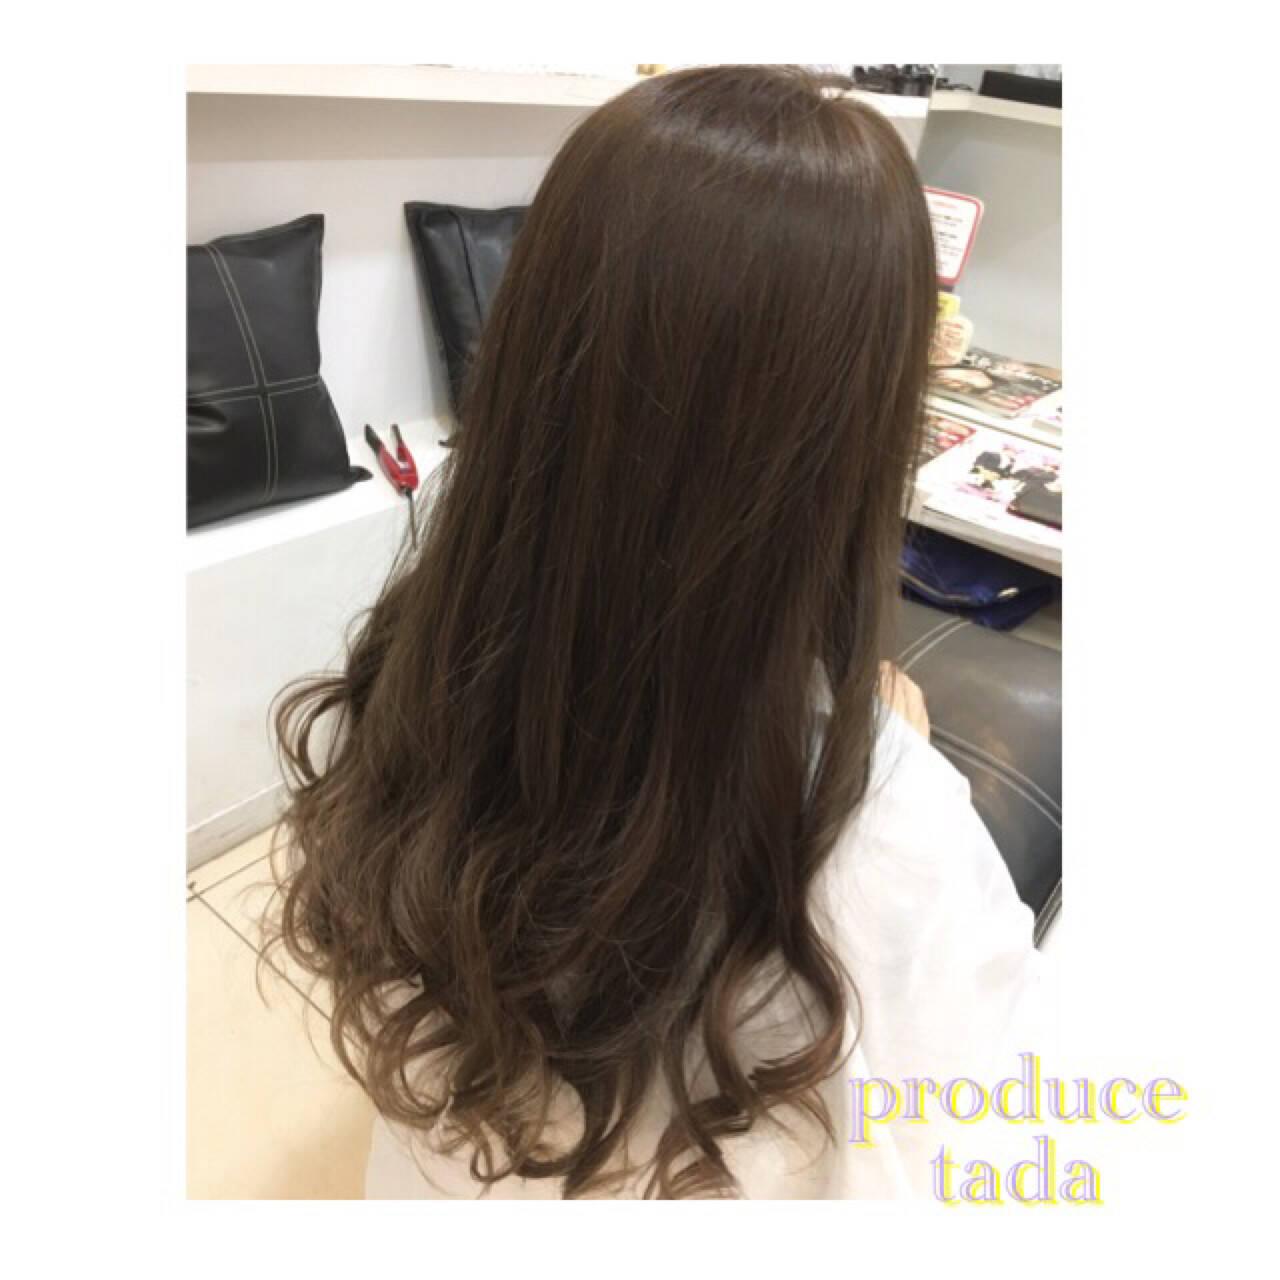 アッシュ 外国人風 グラデーションカラー 暗髪ヘアスタイルや髪型の写真・画像